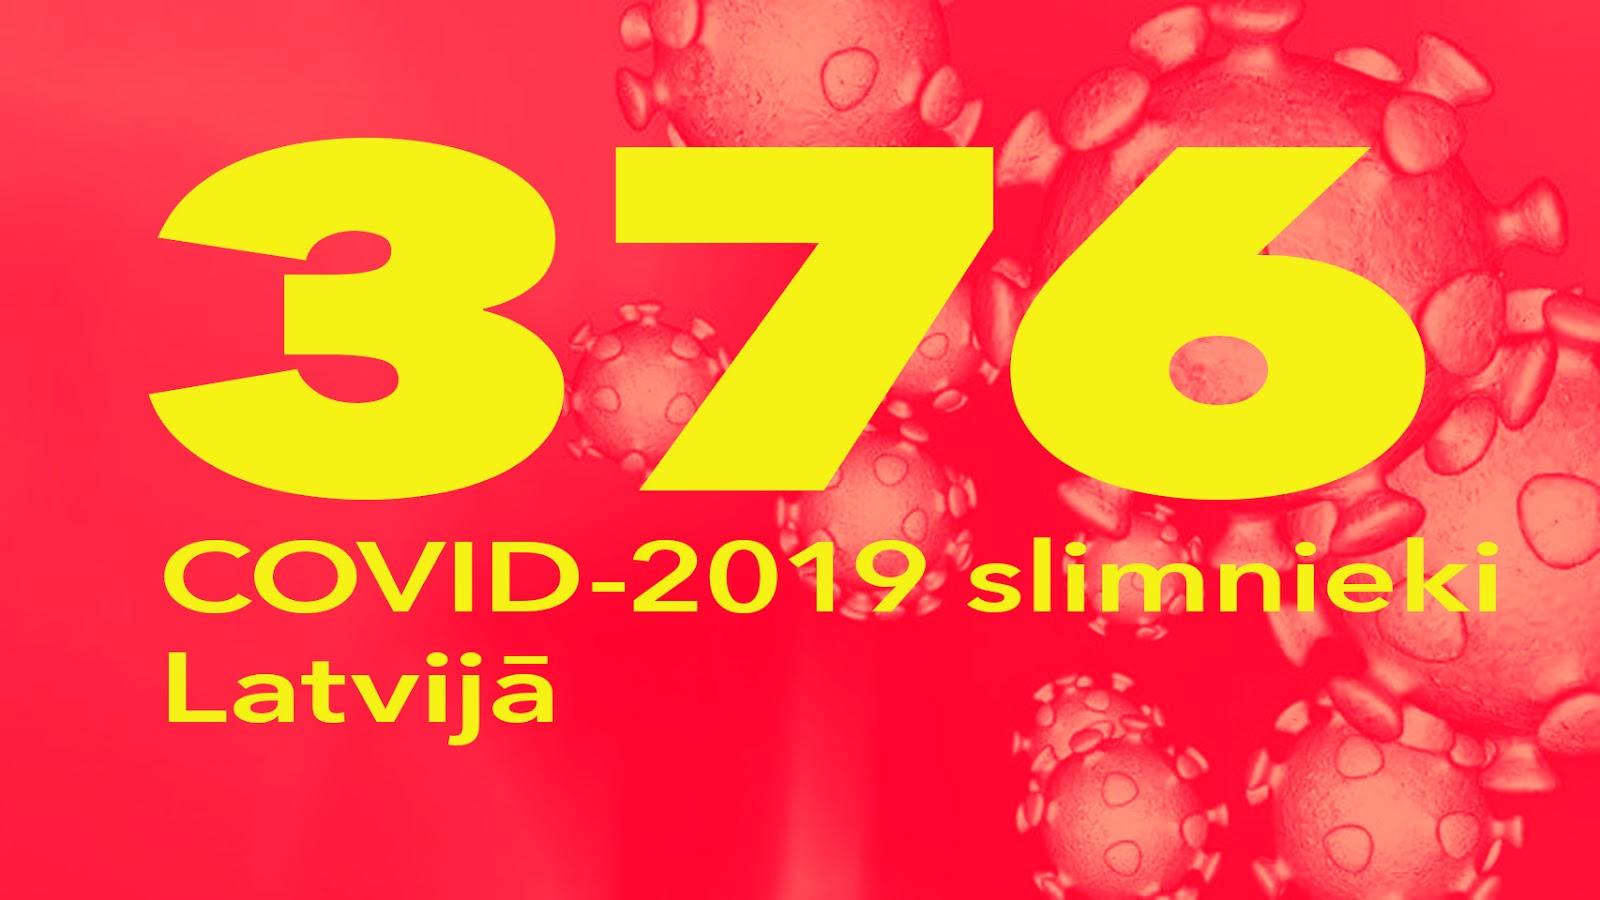 Koronavīrusa saslimušo skaits Latvijā 30.03.2020.